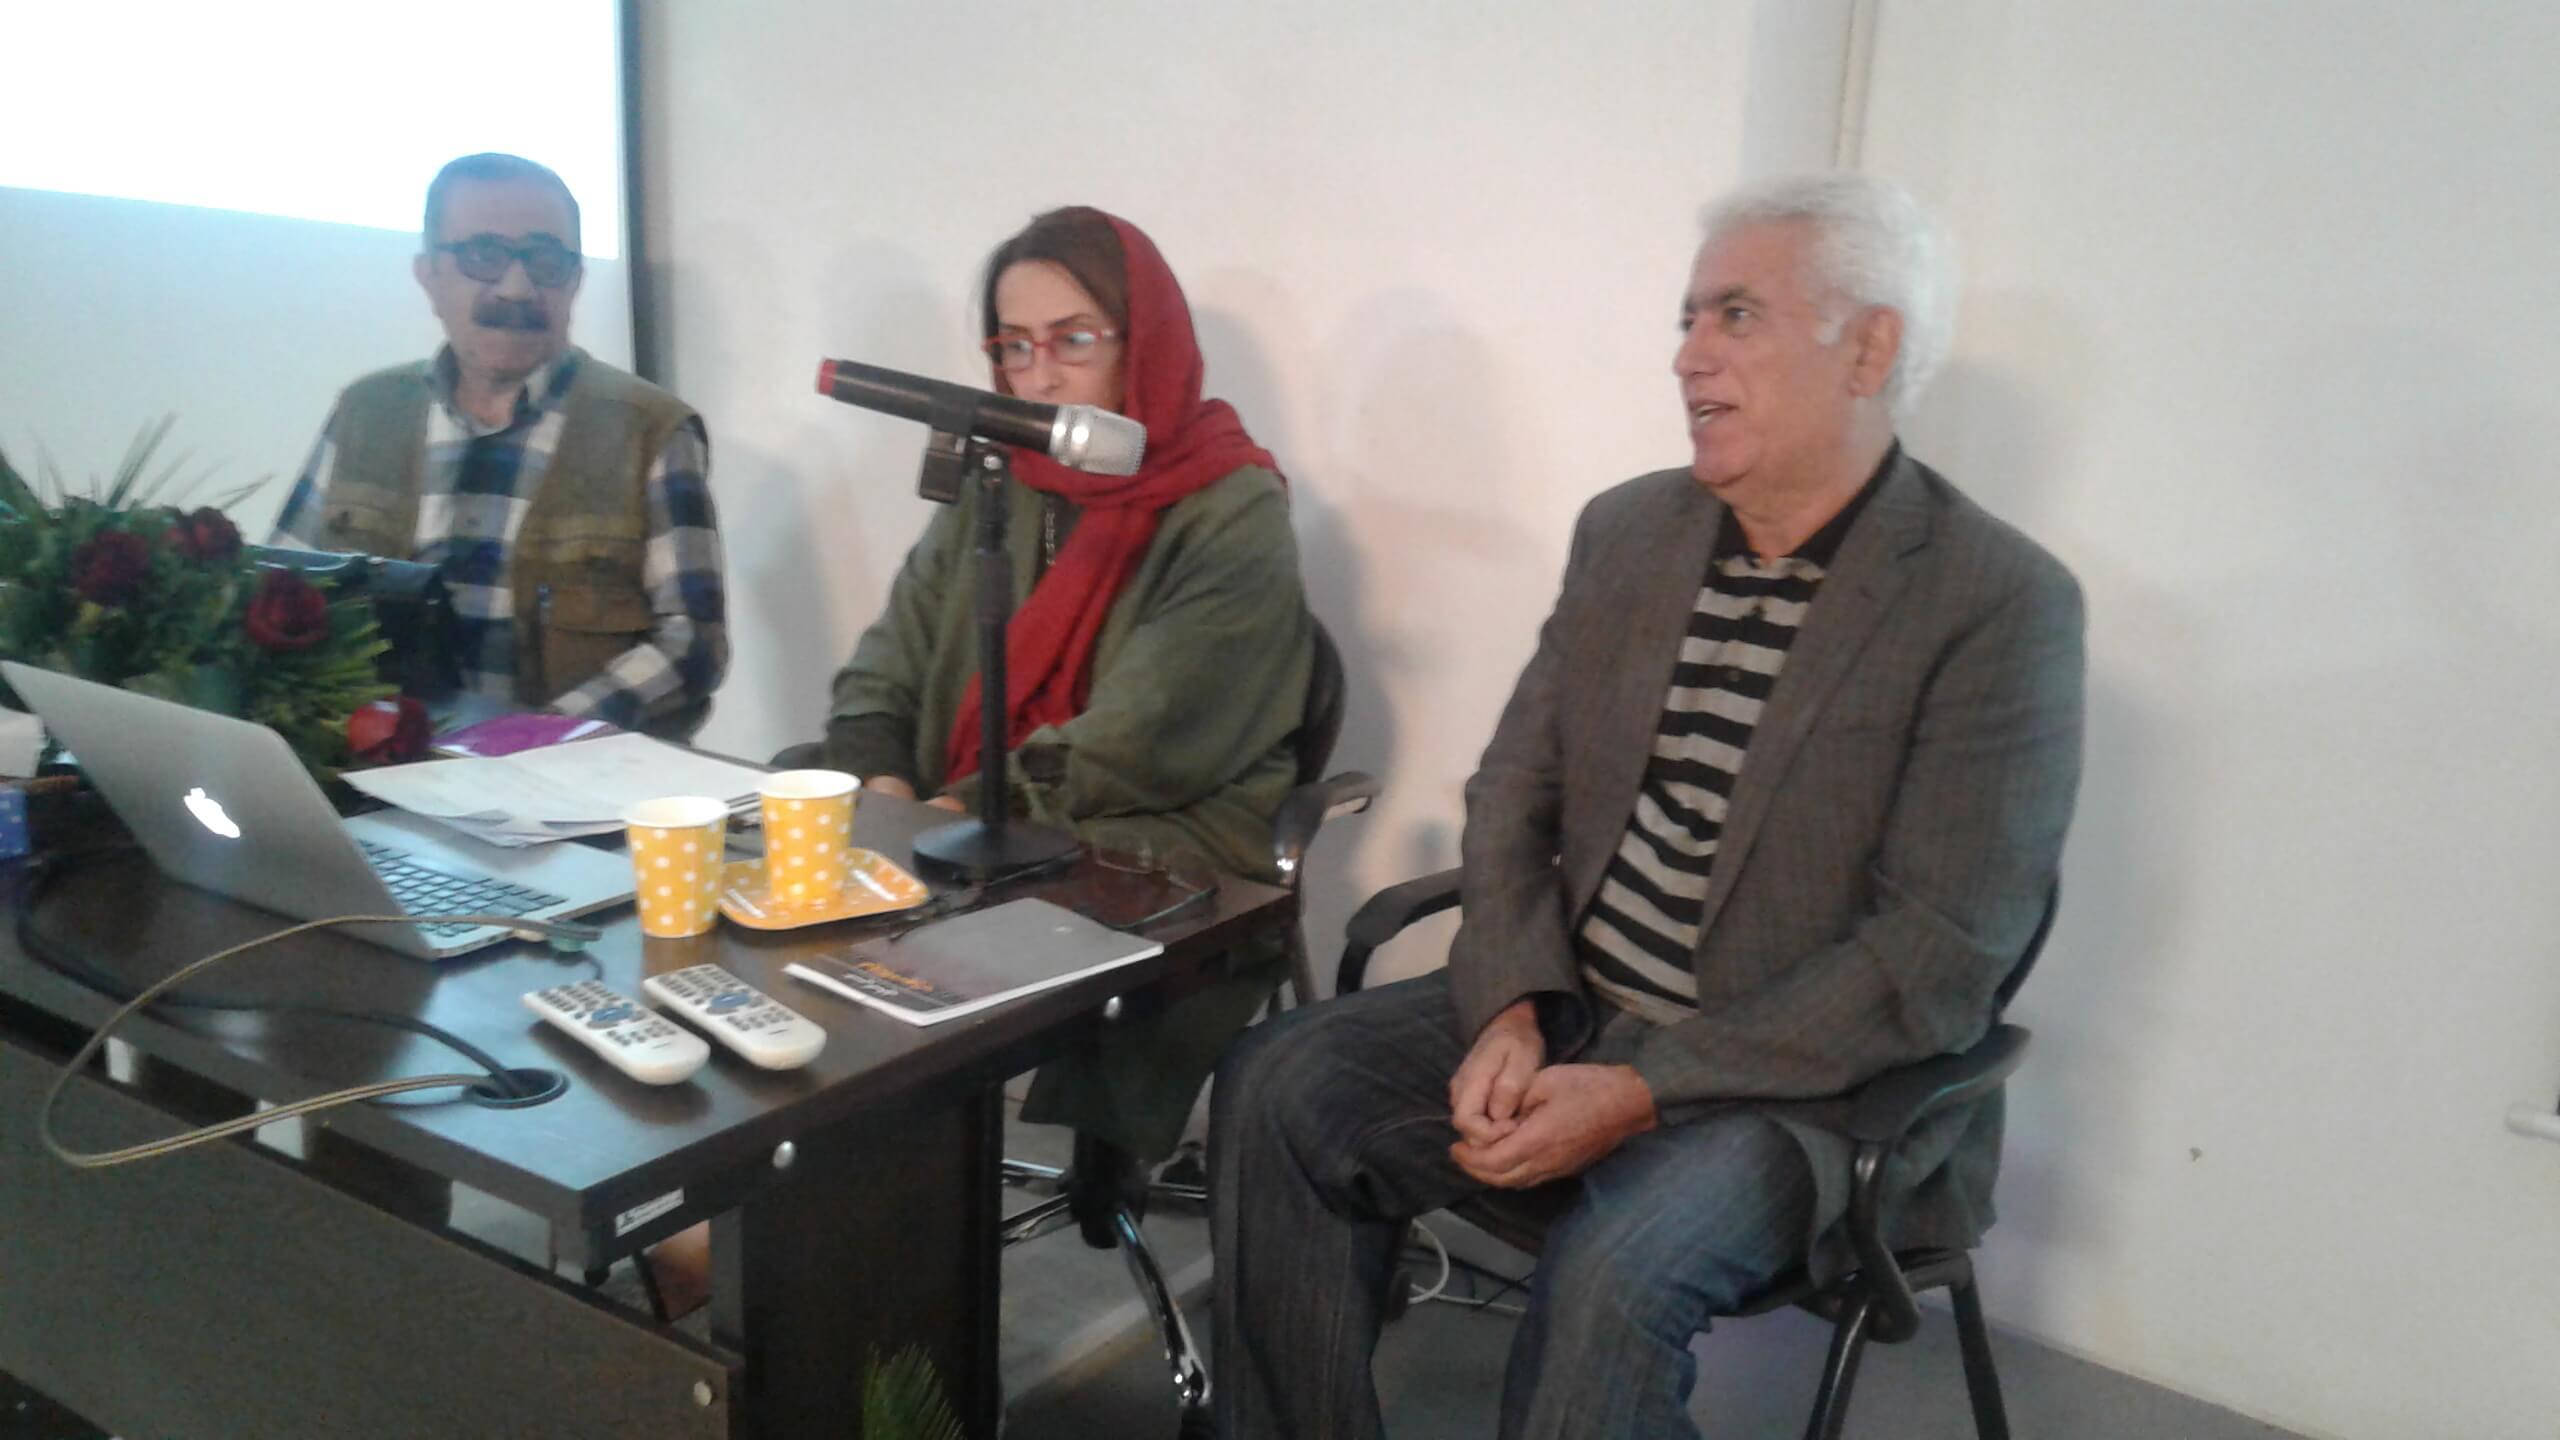 چهل سالگی، آغاز پختگی آدمی است / مهدی پور عمرانی